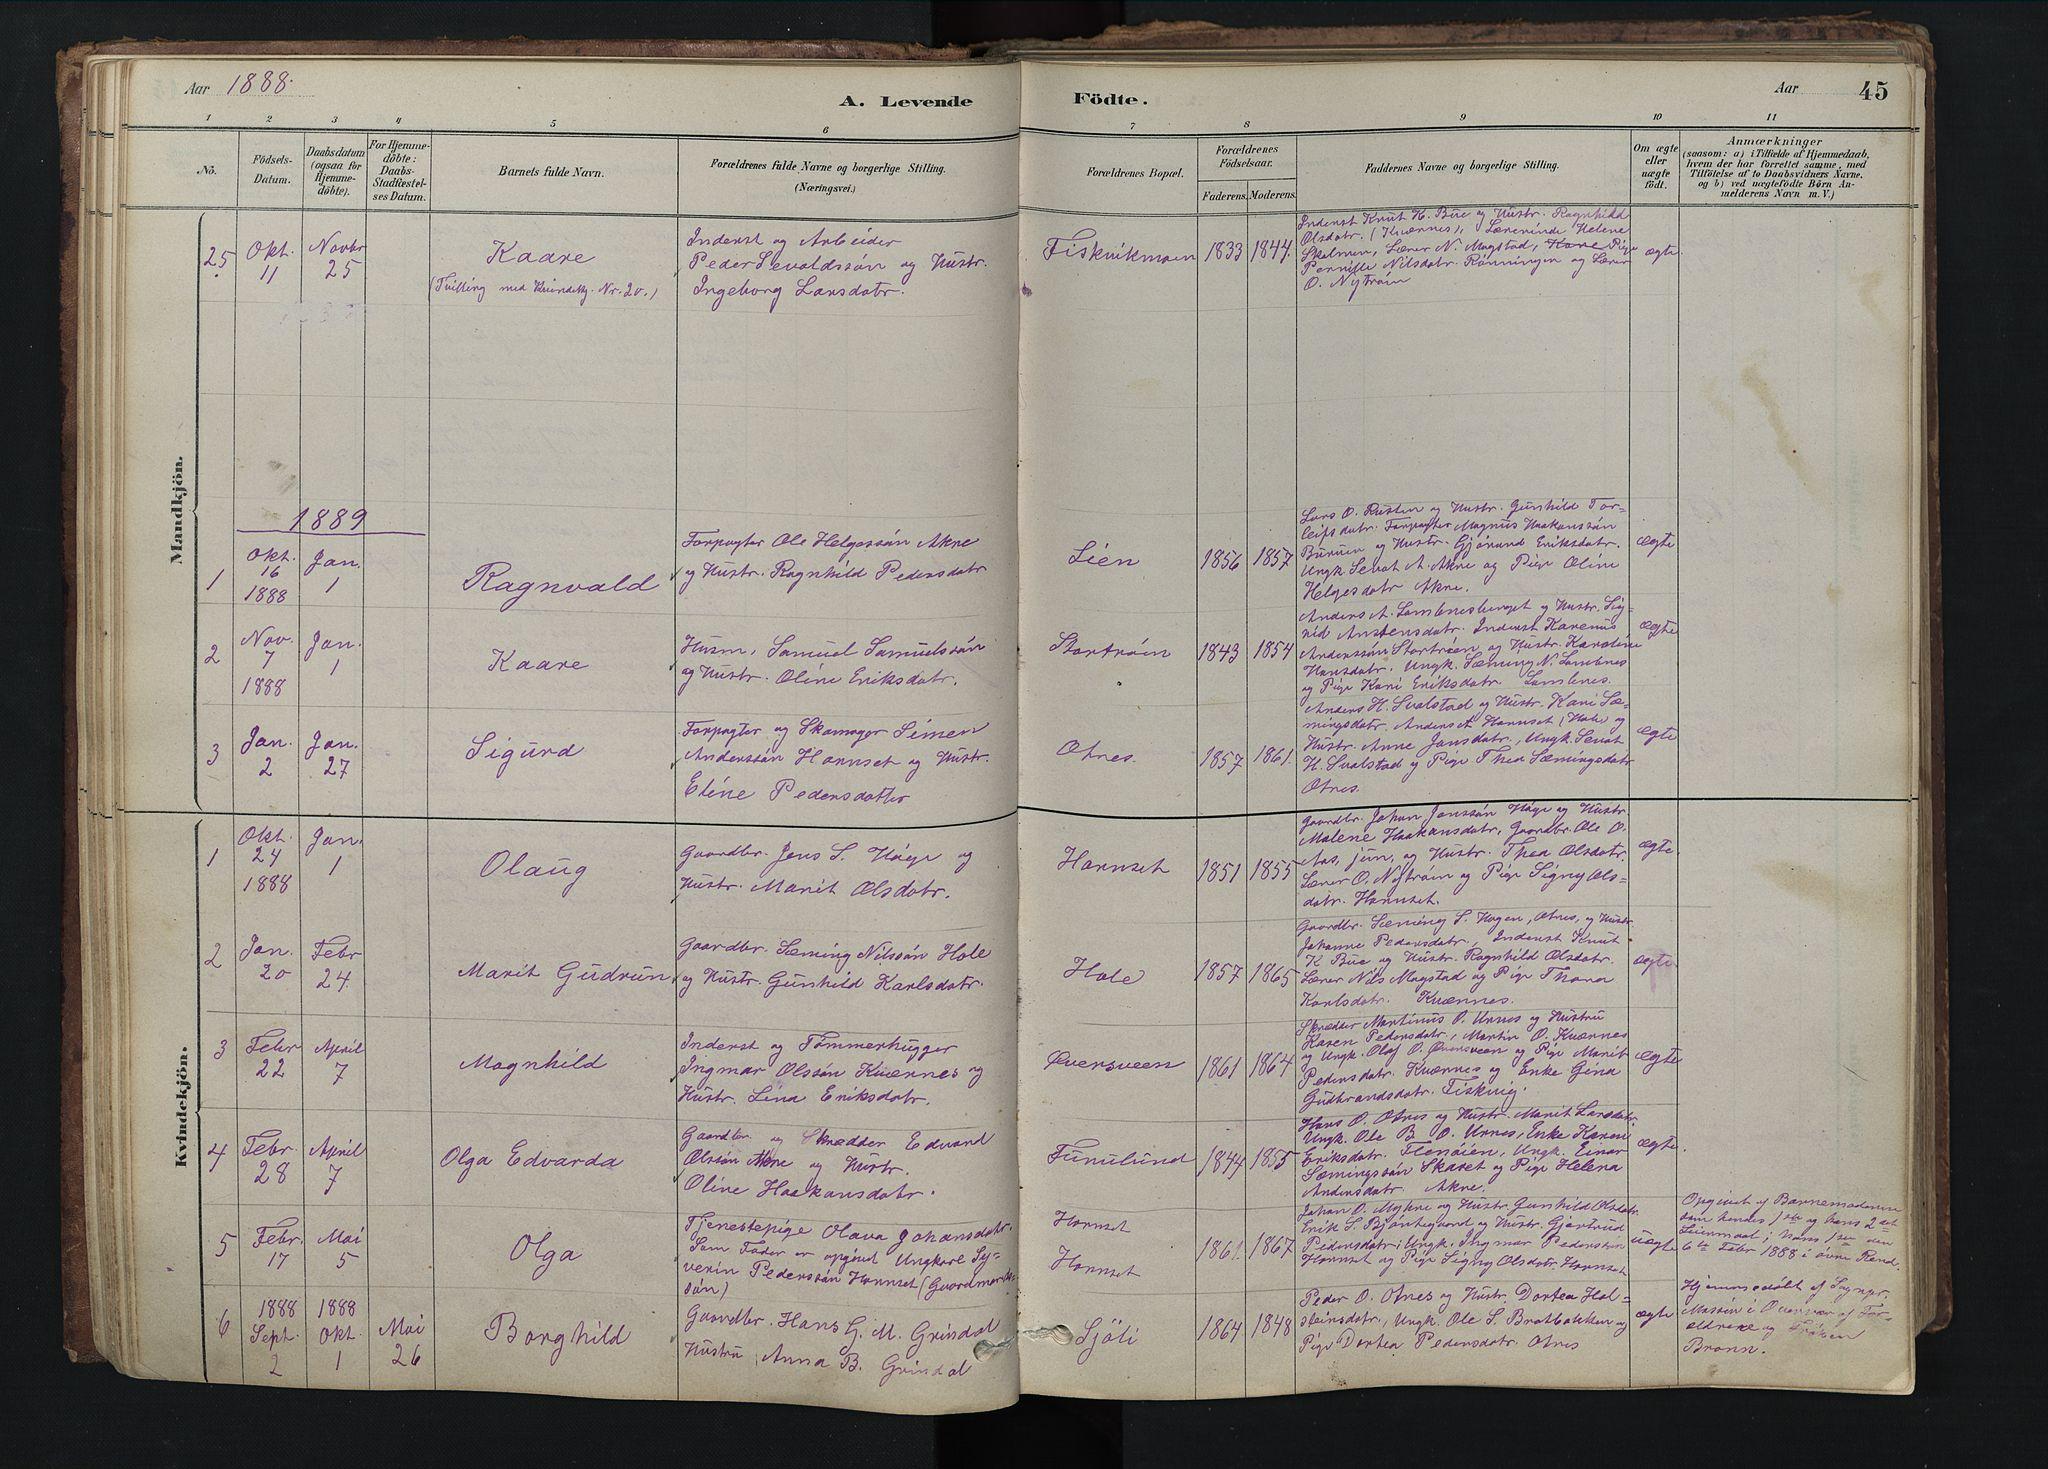 SAH, Rendalen prestekontor, H/Ha/Hab/L0009: Klokkerbok nr. 9, 1879-1902, s. 45